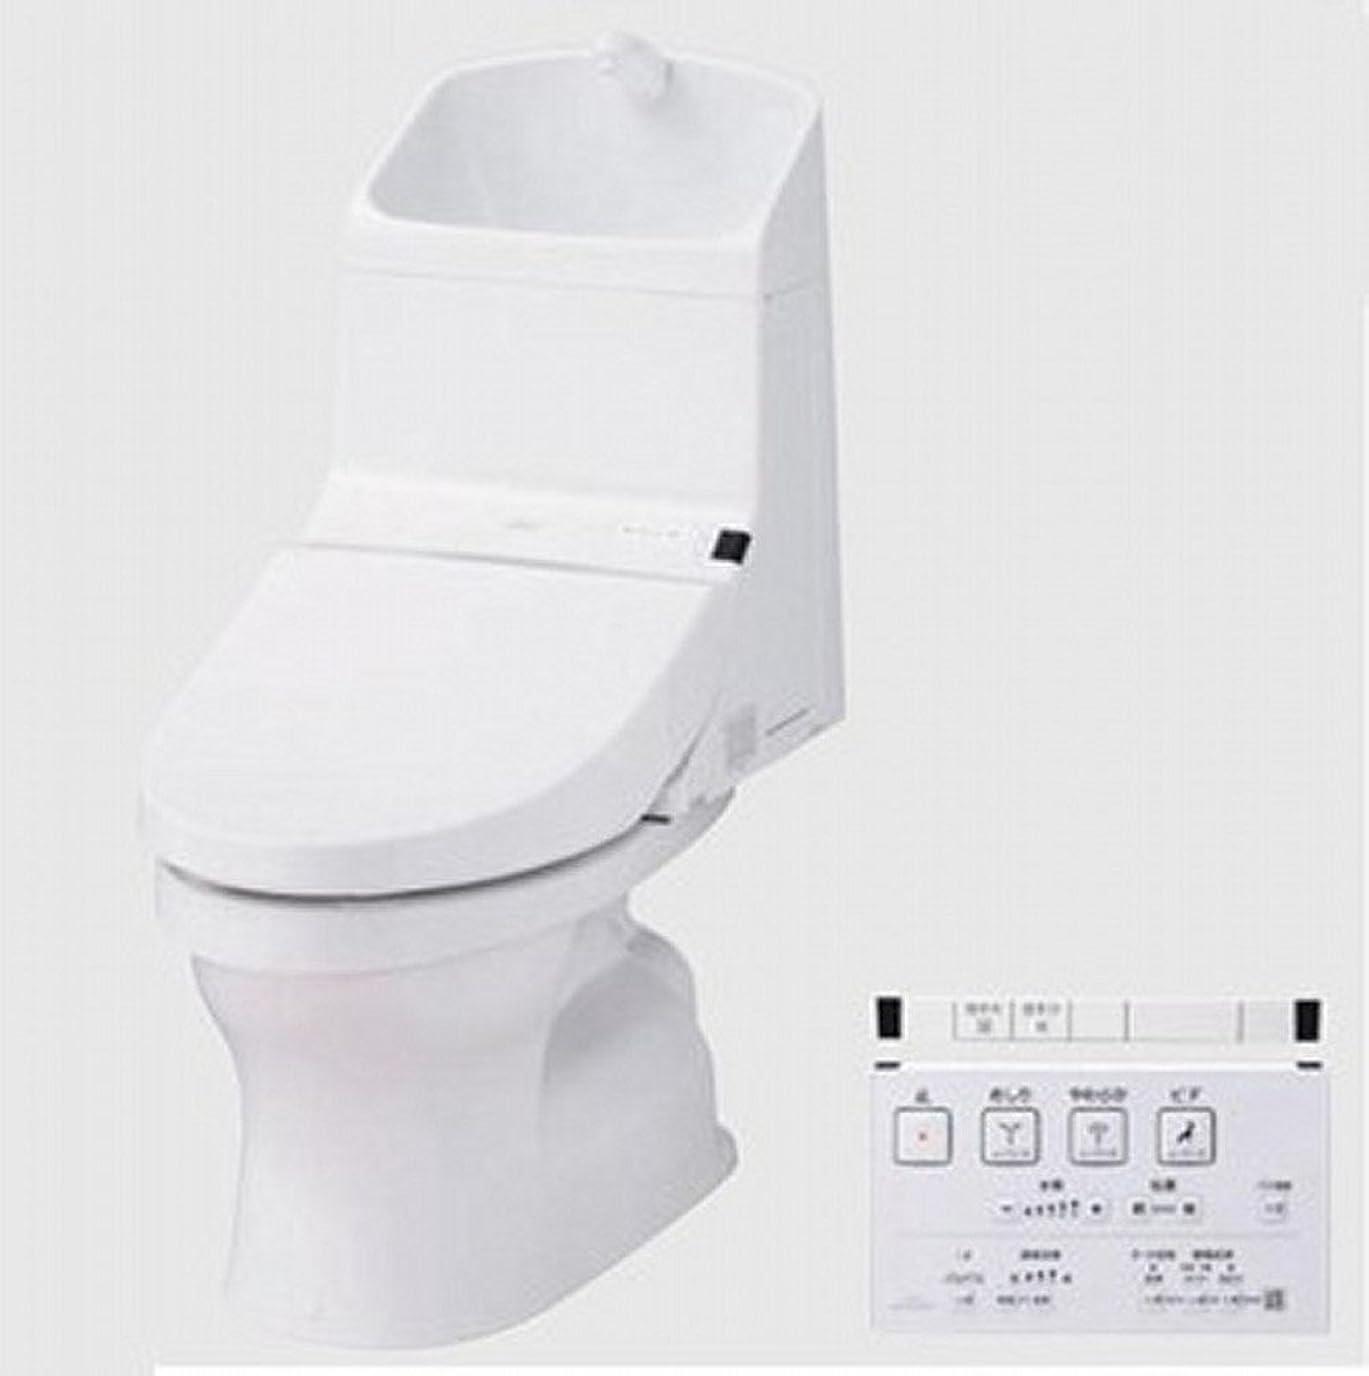 けがをするフレアクロールTOTO トイレ ウォシュレット一体型便器 HV CES972(CES967後継品番) 排水芯:床排水200mm 色:ホワイト